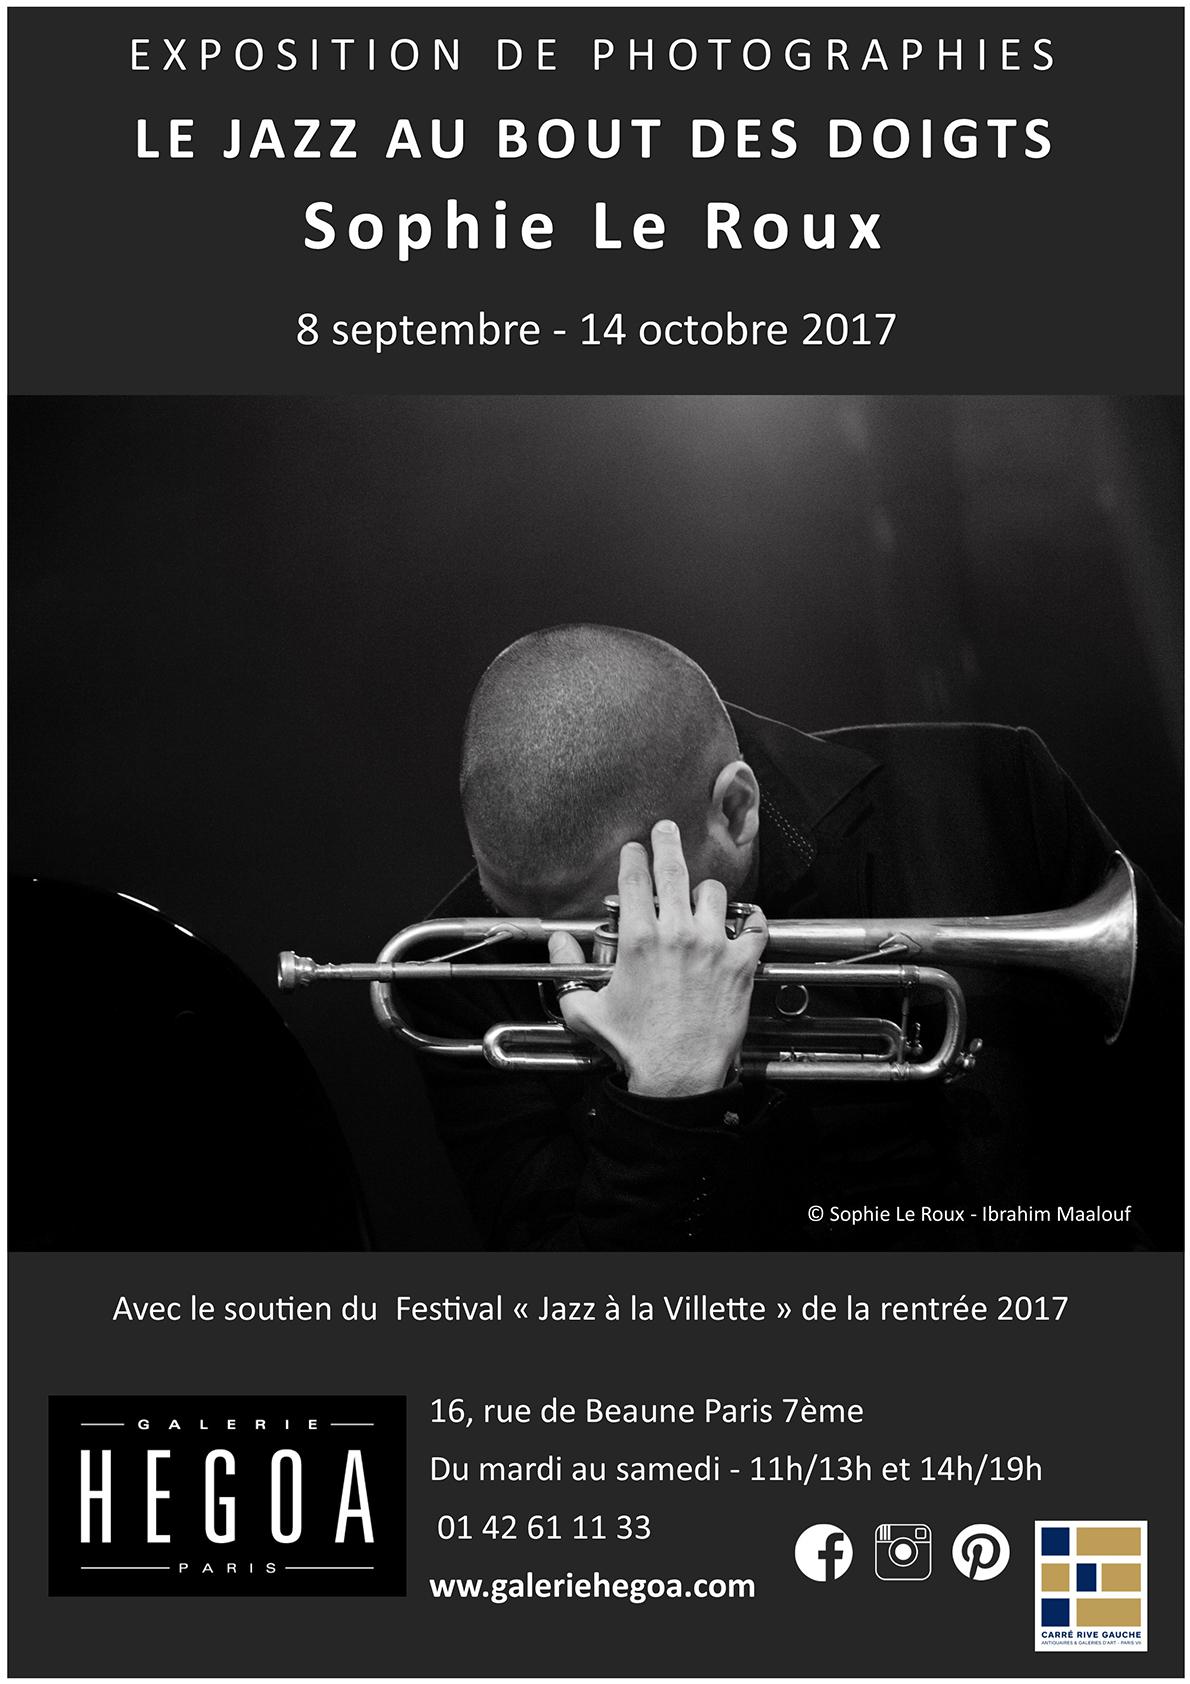 Affiche Le Jazz au Bout des Doigts - Galerie Hegoa - Sophie Le Roux